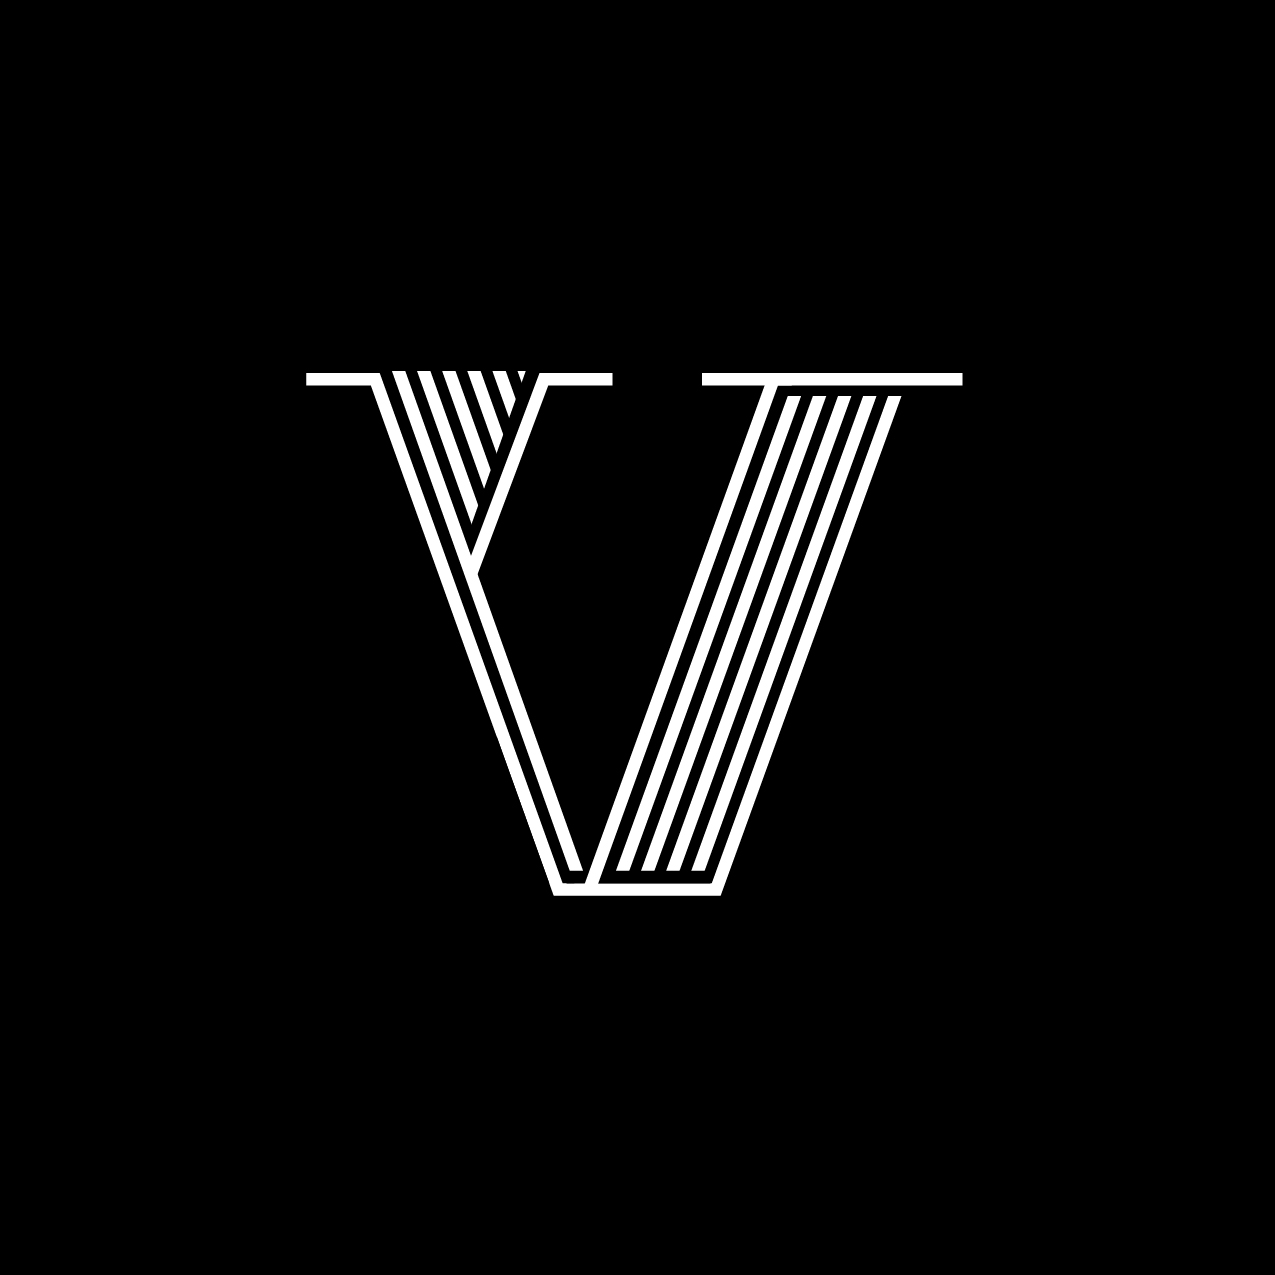 Letter V13 Design by Furia